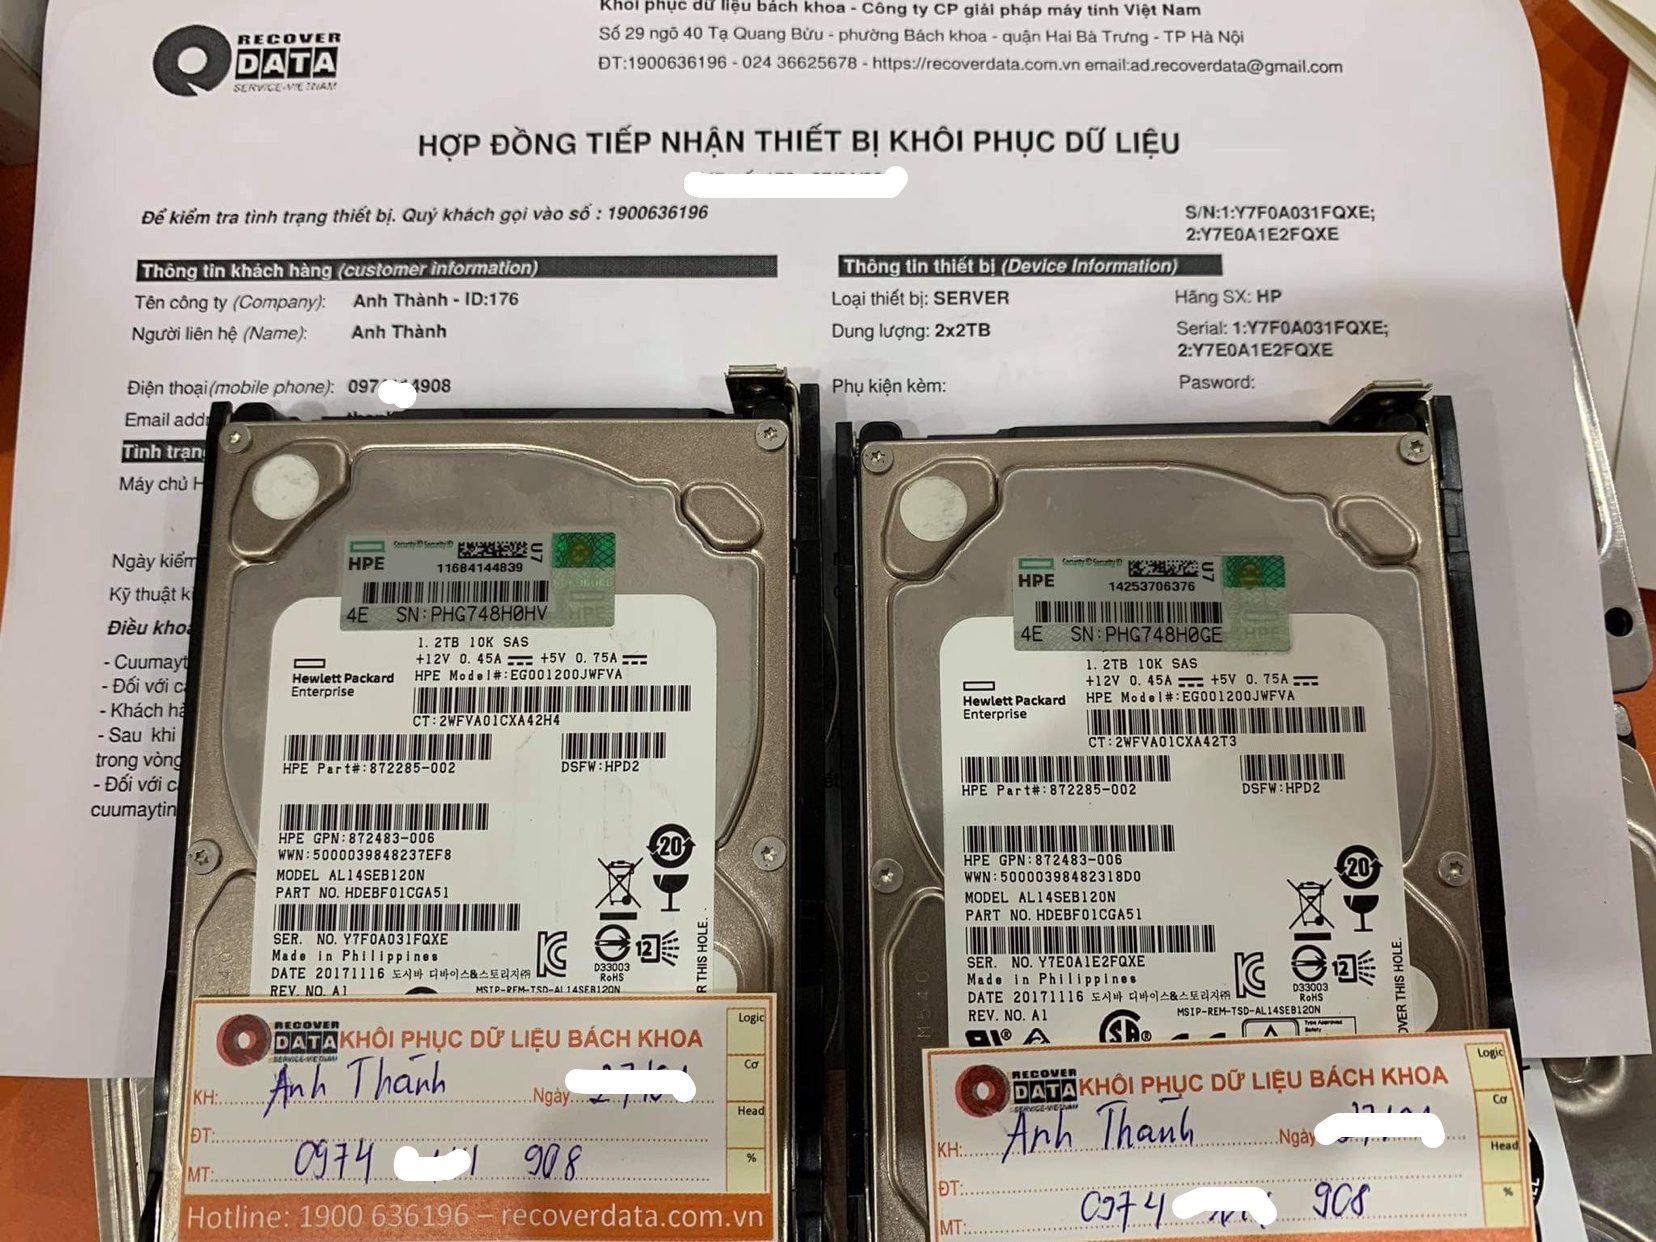 Khôi phục dữ liệu máy chủ HP với 2HDDx2TB lỗi 1HDD - 15/01/2021